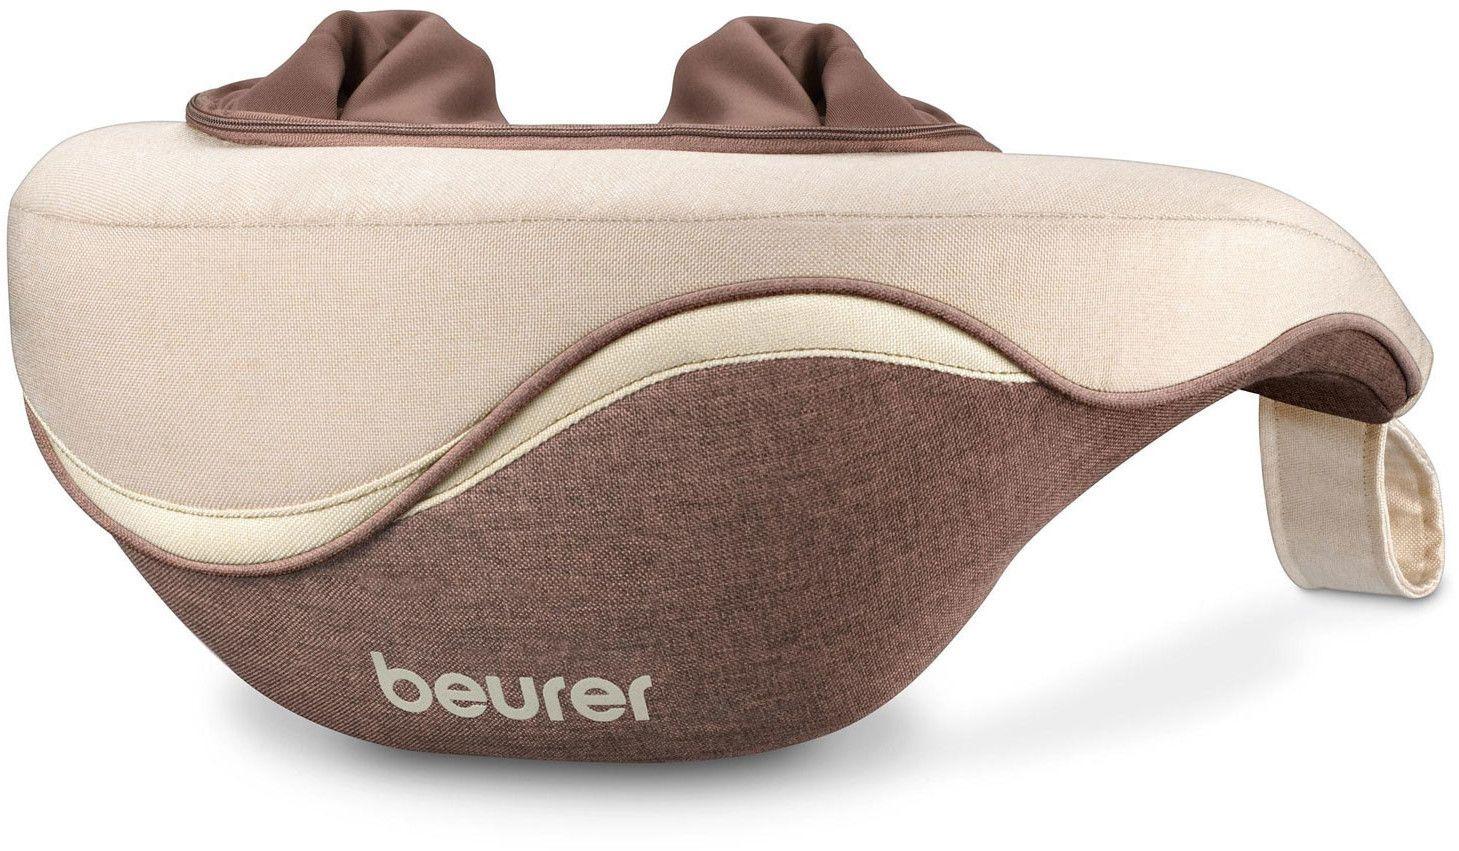 Sammeldeal Beurer MG 153 Nacken-Massagegerät, handsimulierende Knet-Massage für Nacken, Schultern und Beine, mit Wärmefunktion [Amazon]